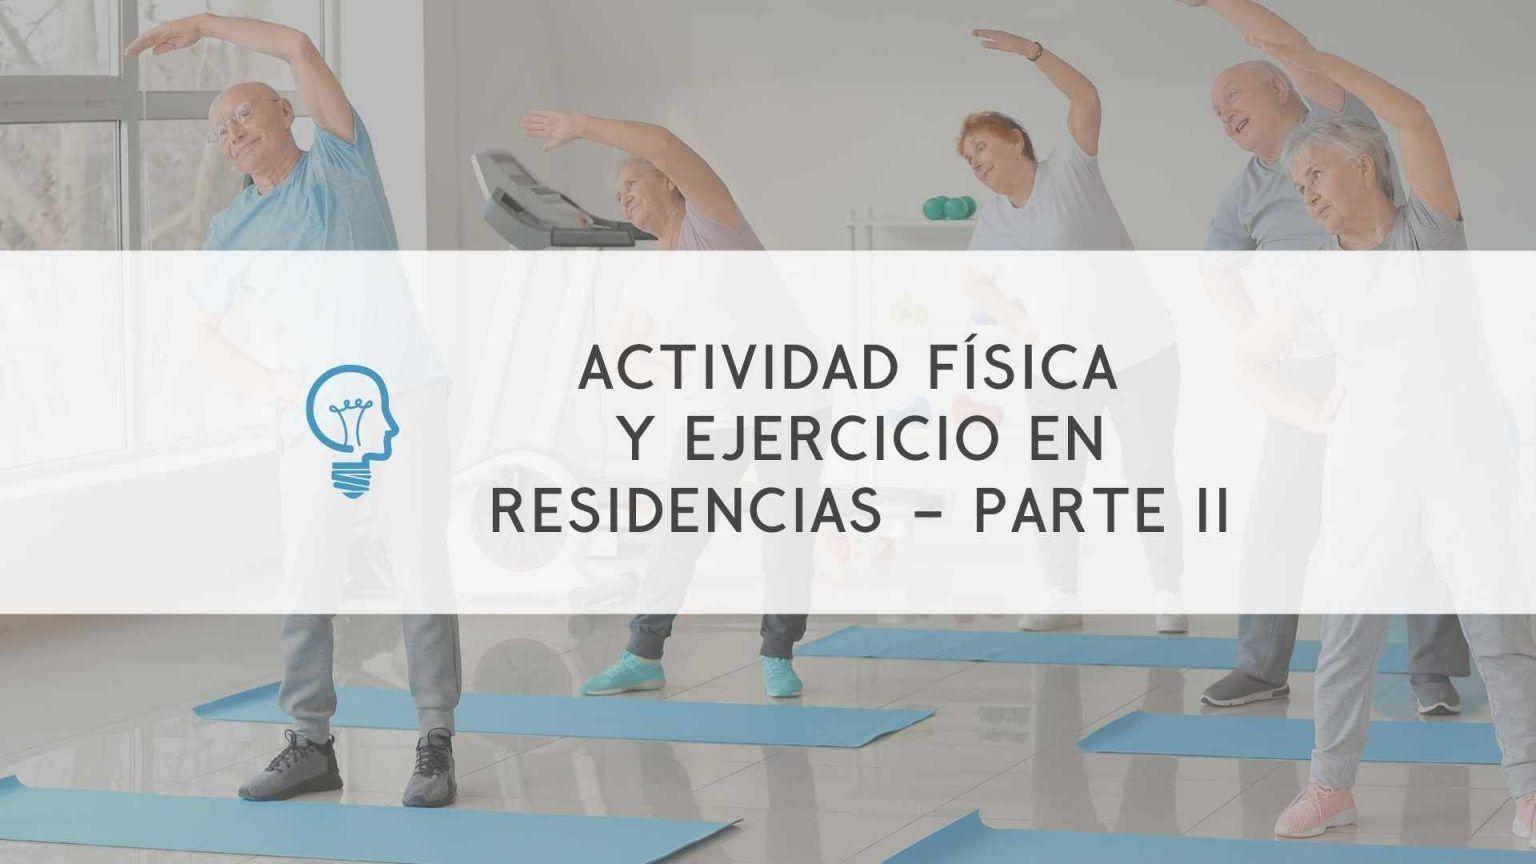 masterclass-actividad-fisica-ejercicio-residencias-2